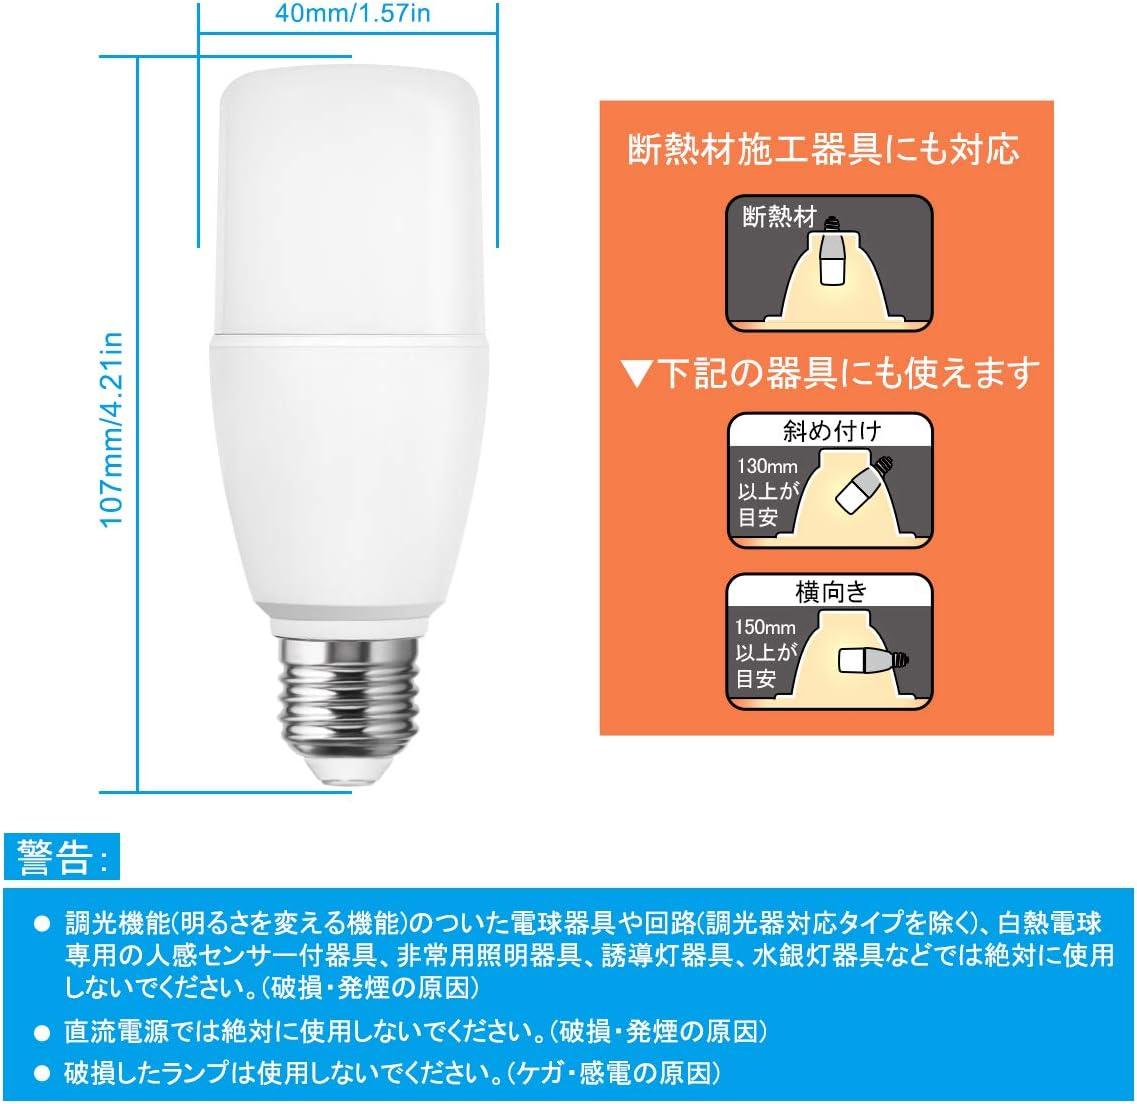 製造 蛍光 中止 灯